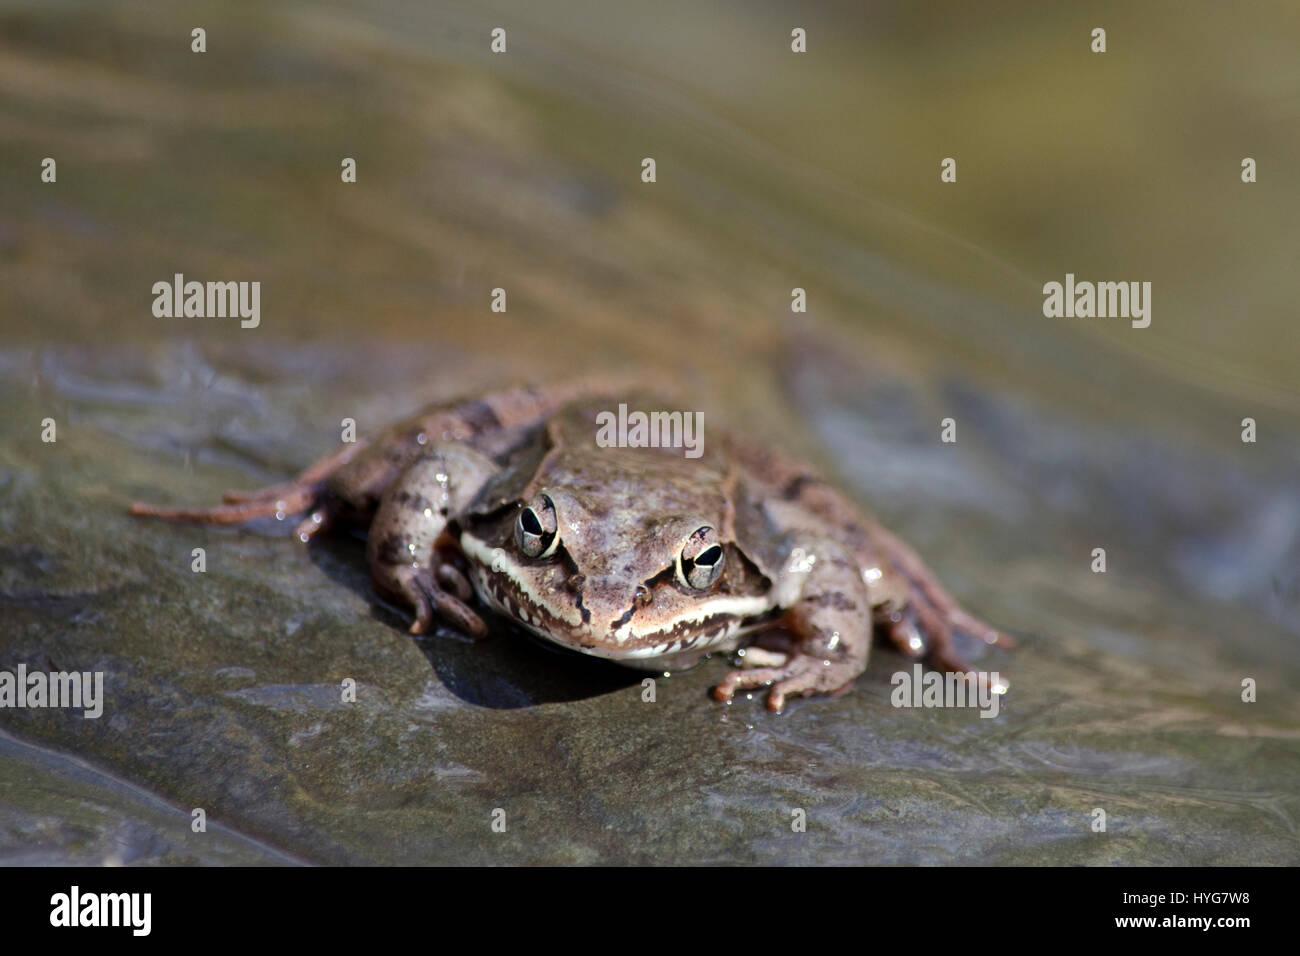 Holz-Frosch schließen vorne Blick auf Felsen in der Nähe von Teich im central New York, USA. Stockfoto